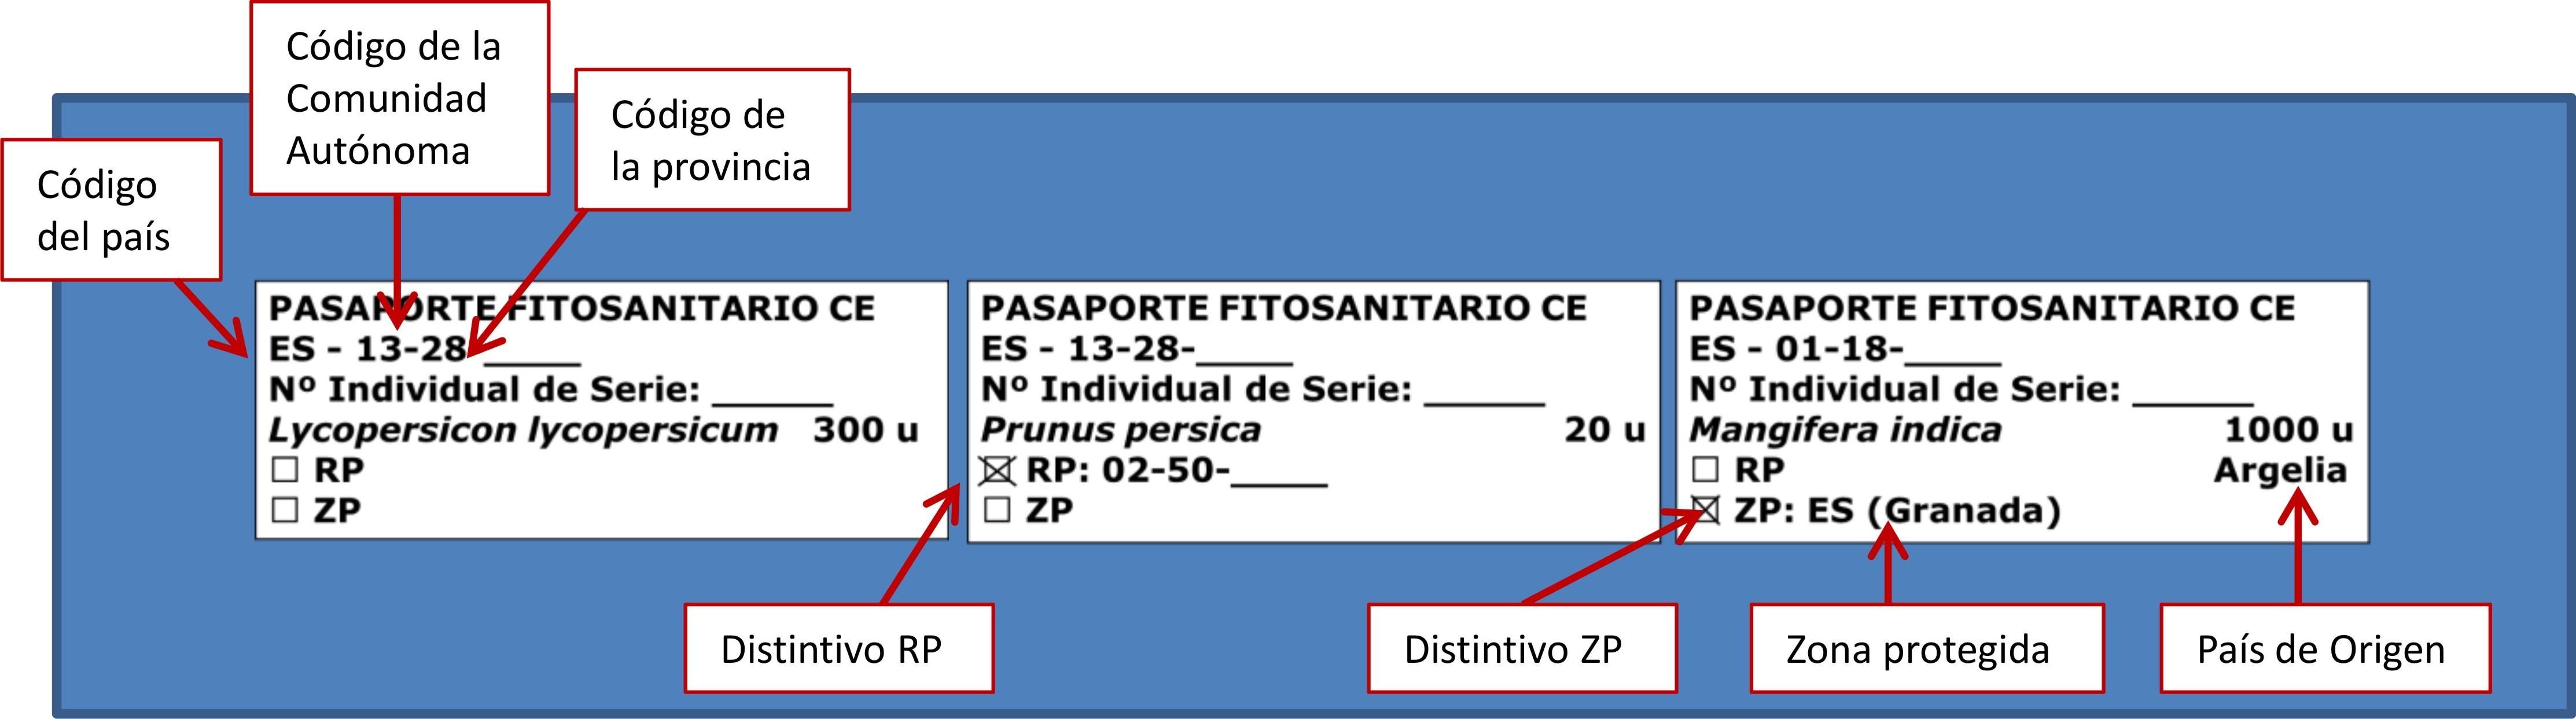 descripcion-datos-pasaporte-fitosanitario